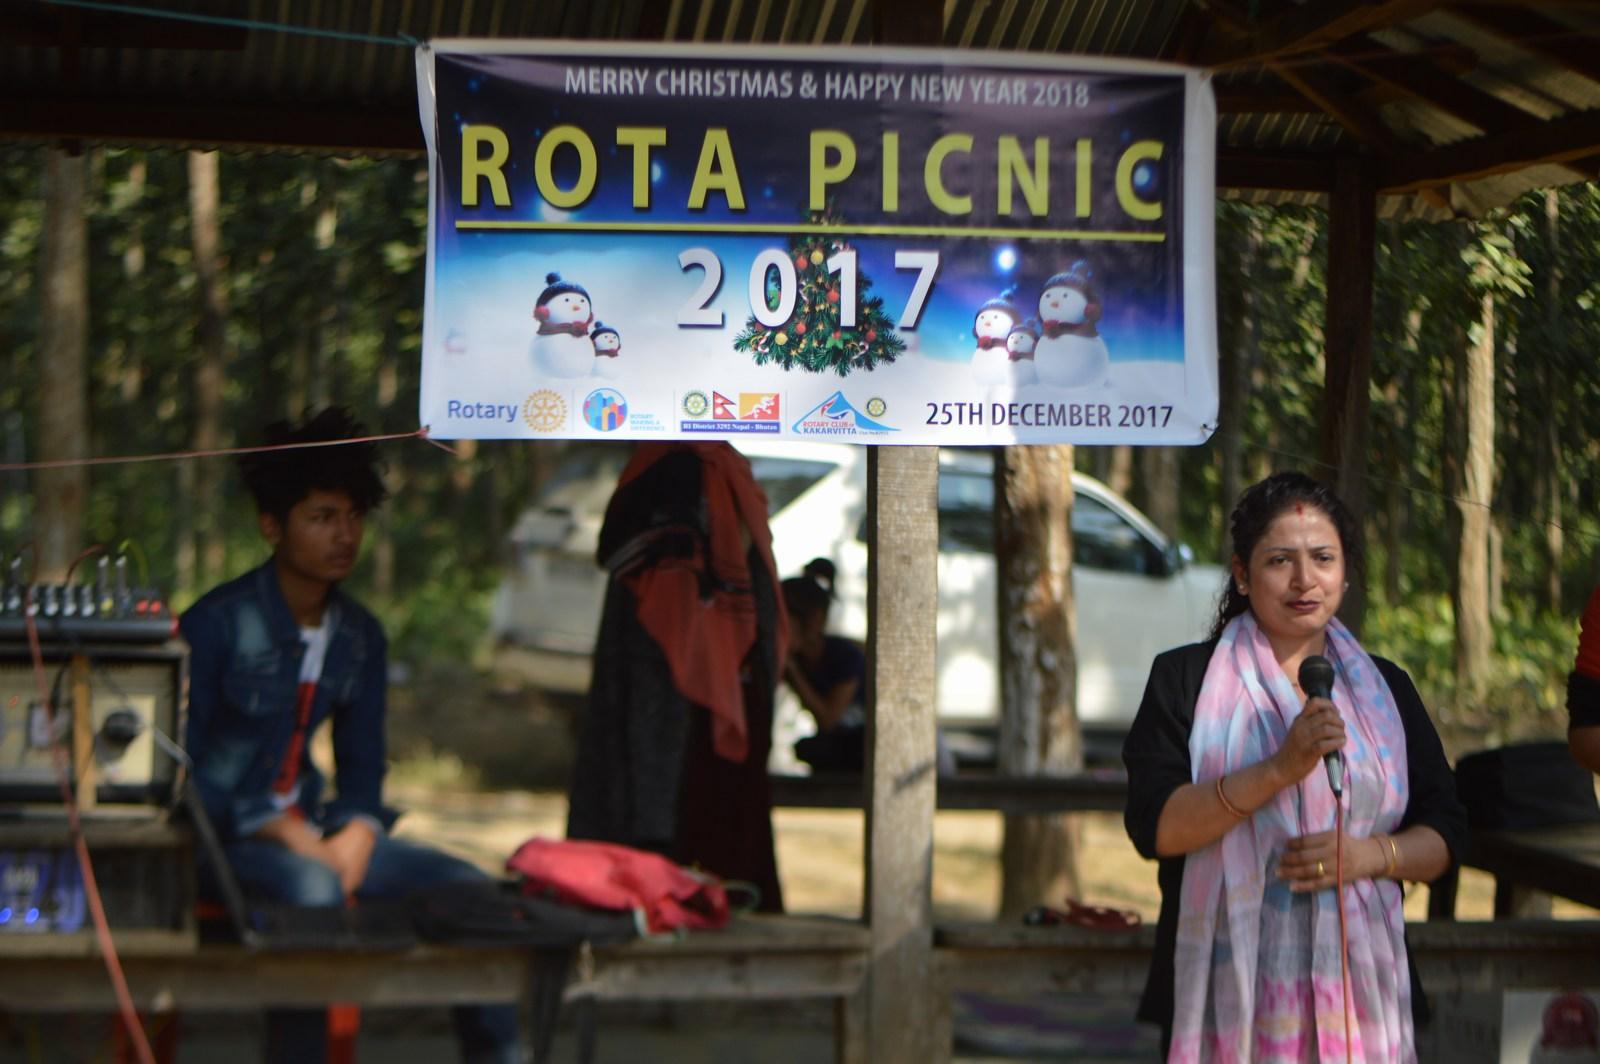 Rota-Picnic-2017-Rotary-Club-of-Kakarvitta-65